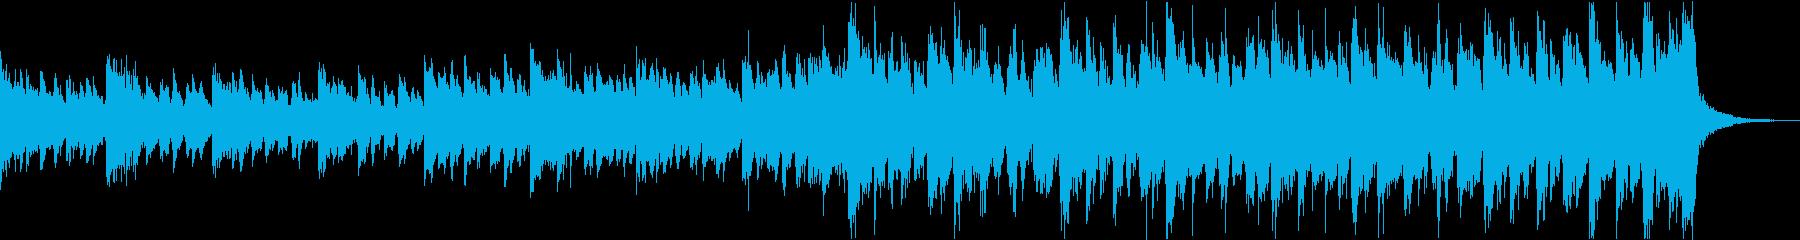 企業シネマティックエピックトレーラーcの再生済みの波形